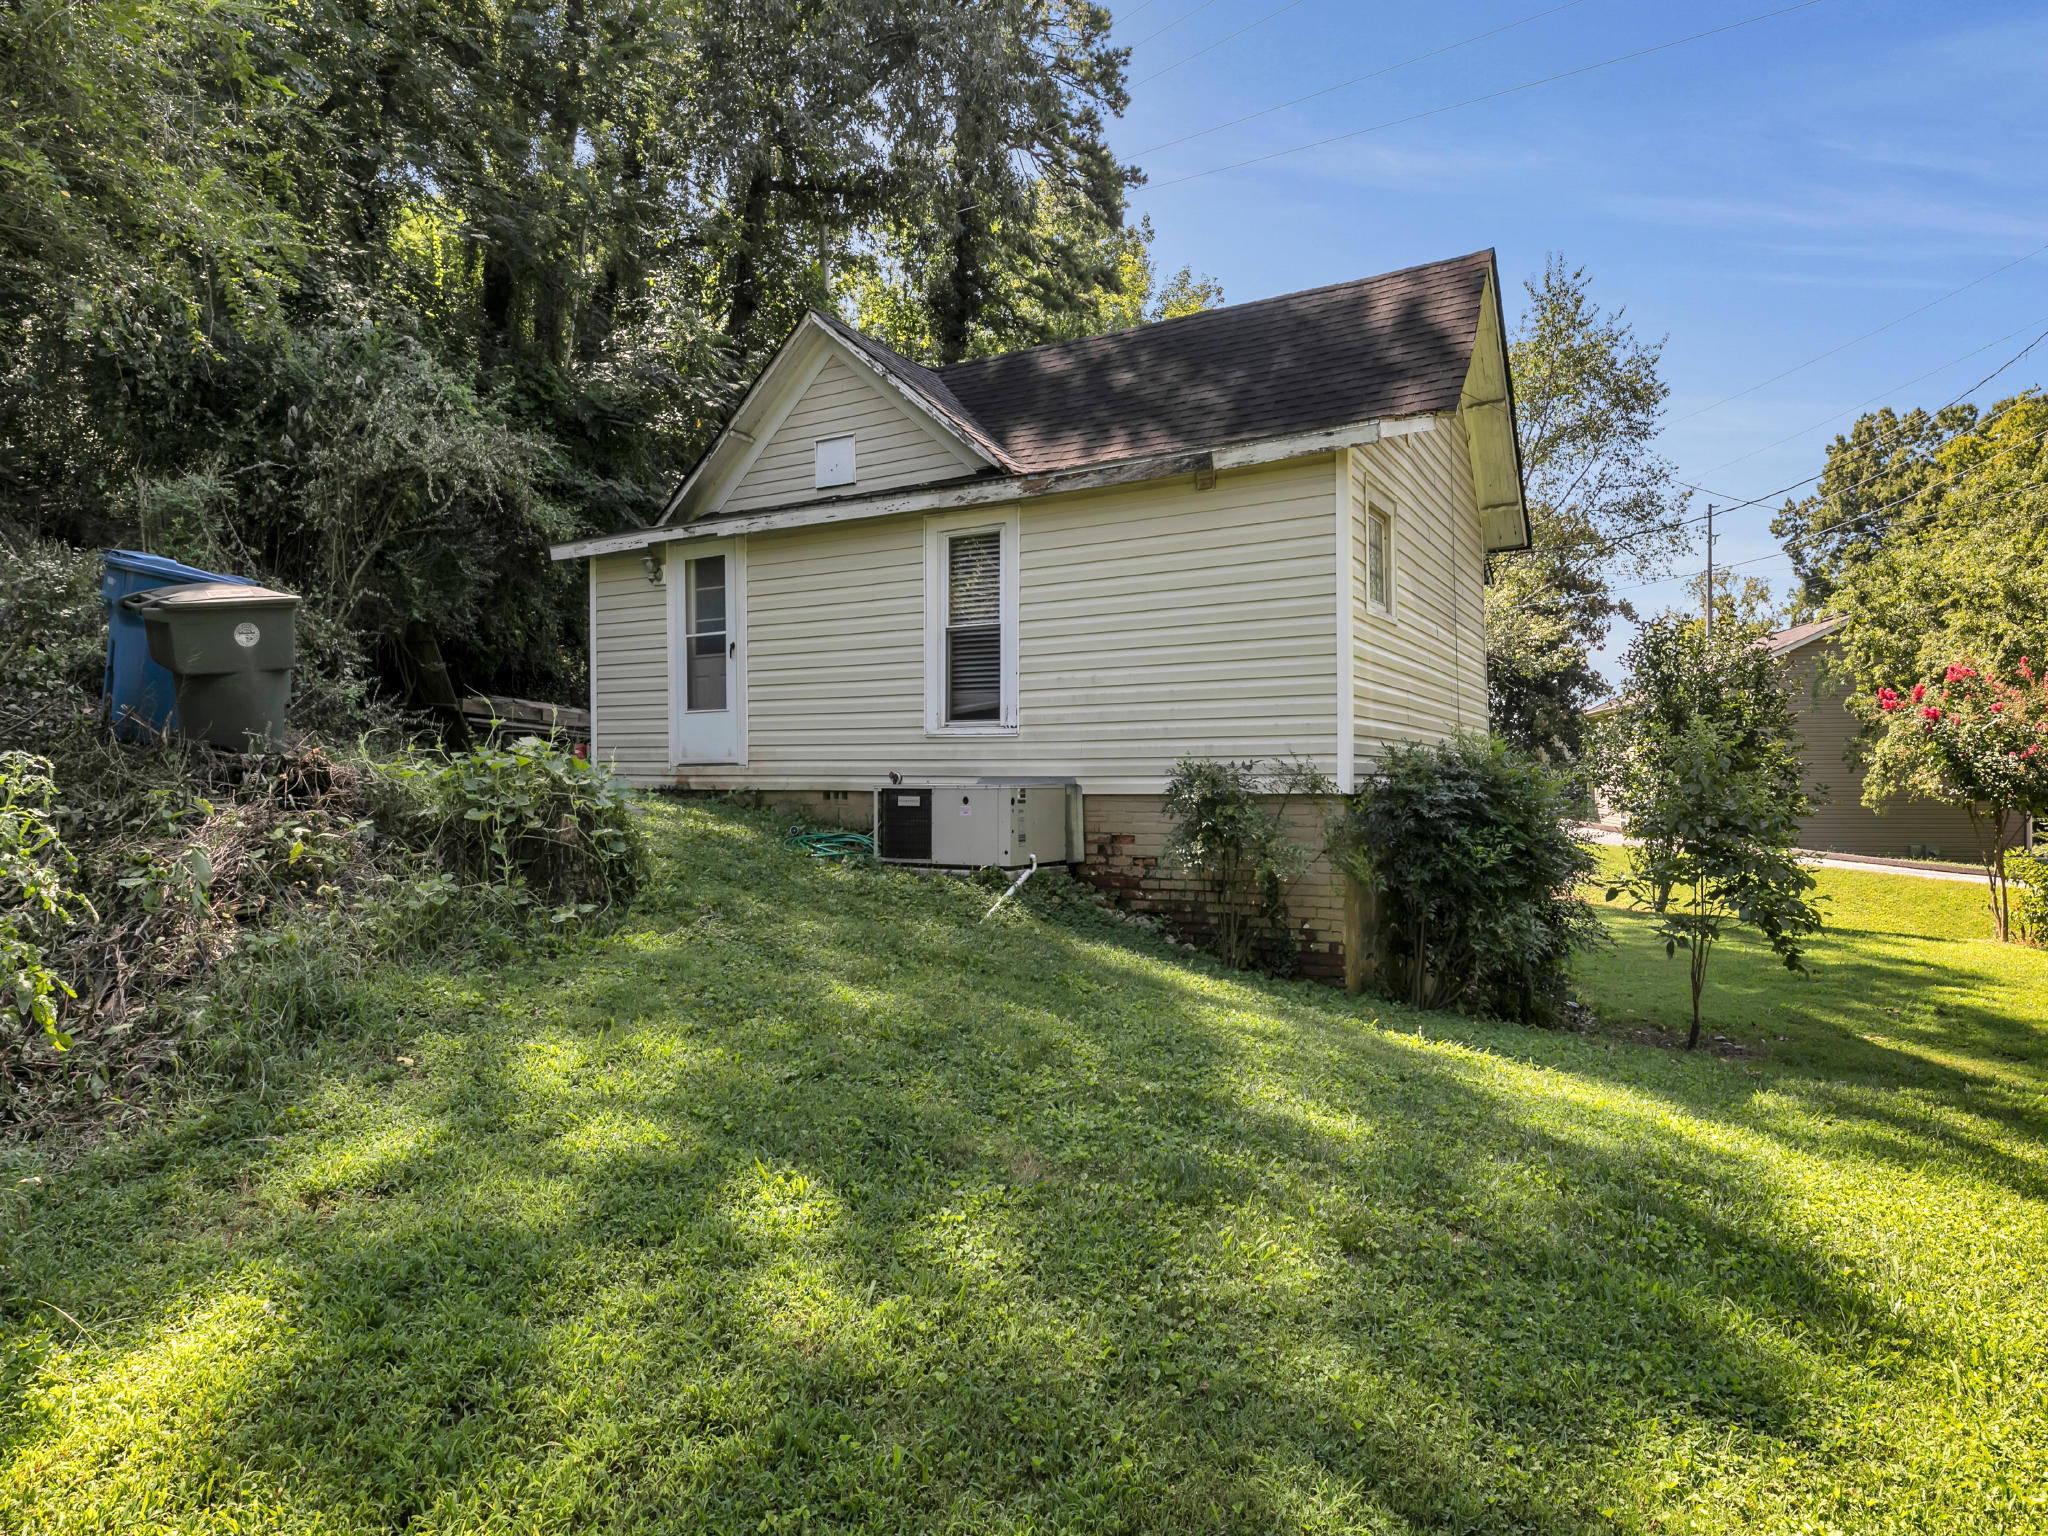 303 Tucker St, Chattanooga, TN 37405